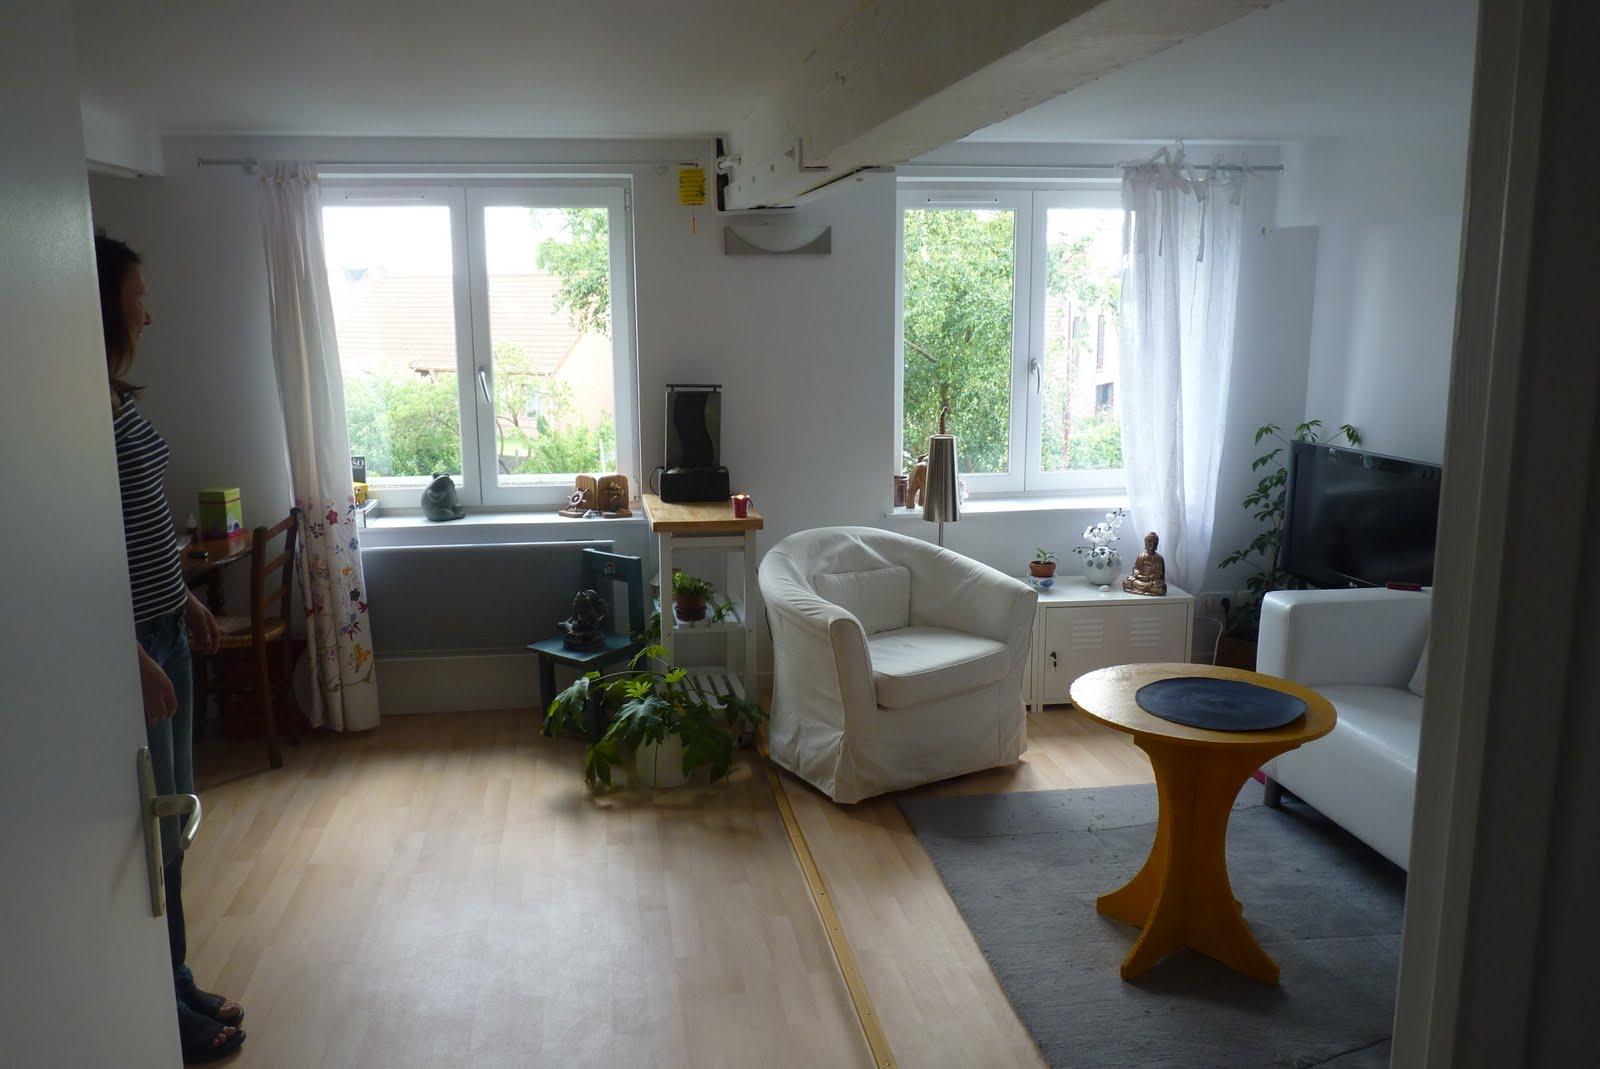 le blog de l 39 accro du feng shui d terminer l 39 orientation de l 39 appartement mon intervention. Black Bedroom Furniture Sets. Home Design Ideas